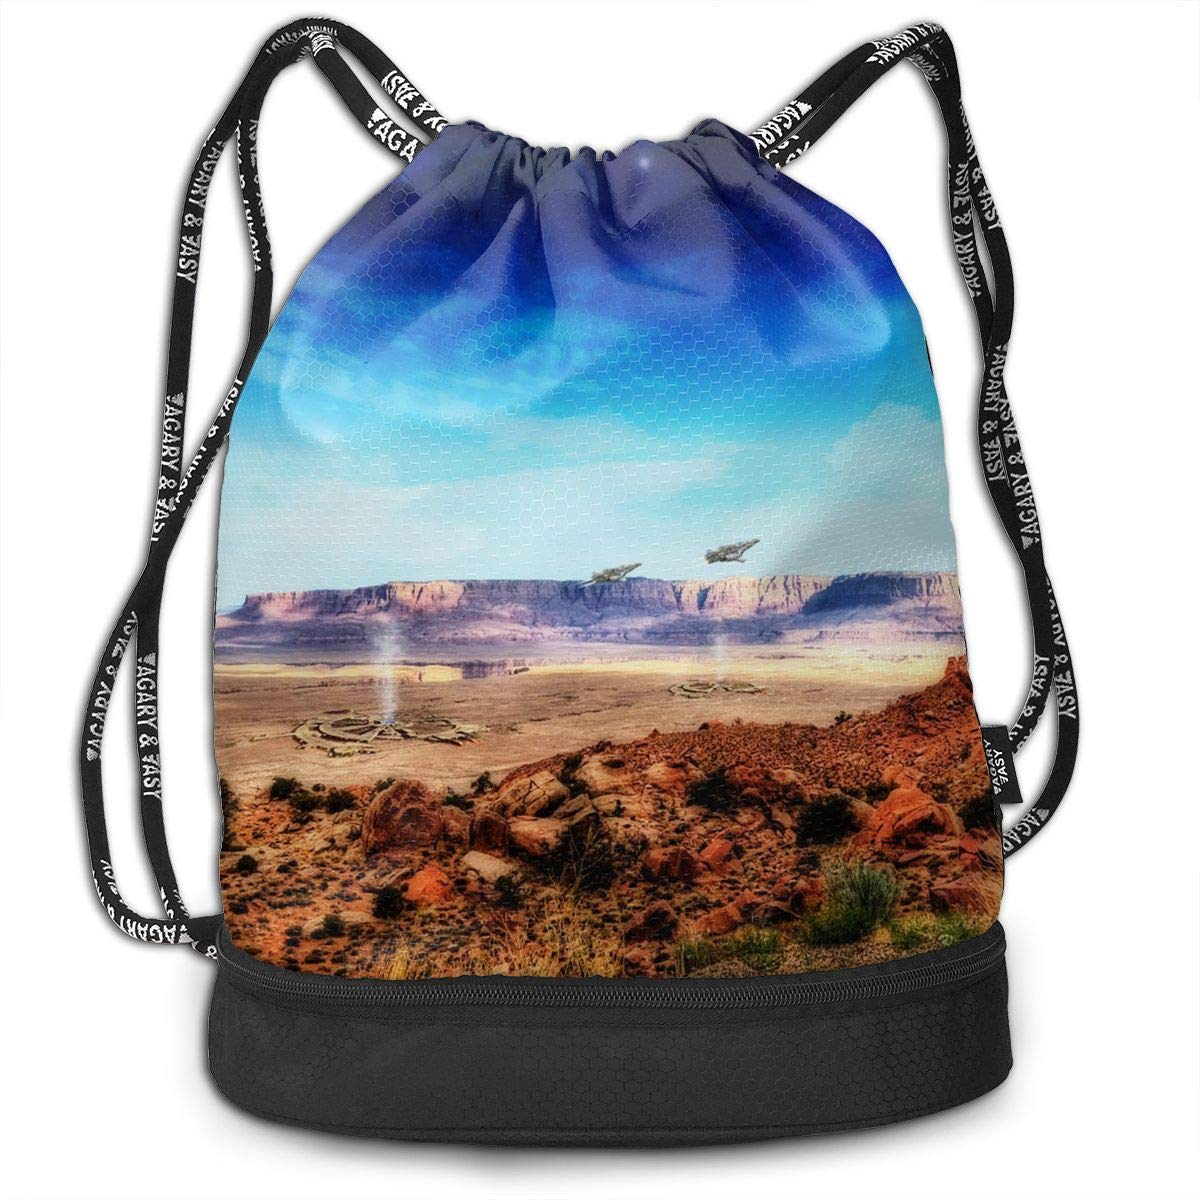 Gymsack Fantasy Landscape Print Drawstring Bags - Simple Gym Shoulder Bags